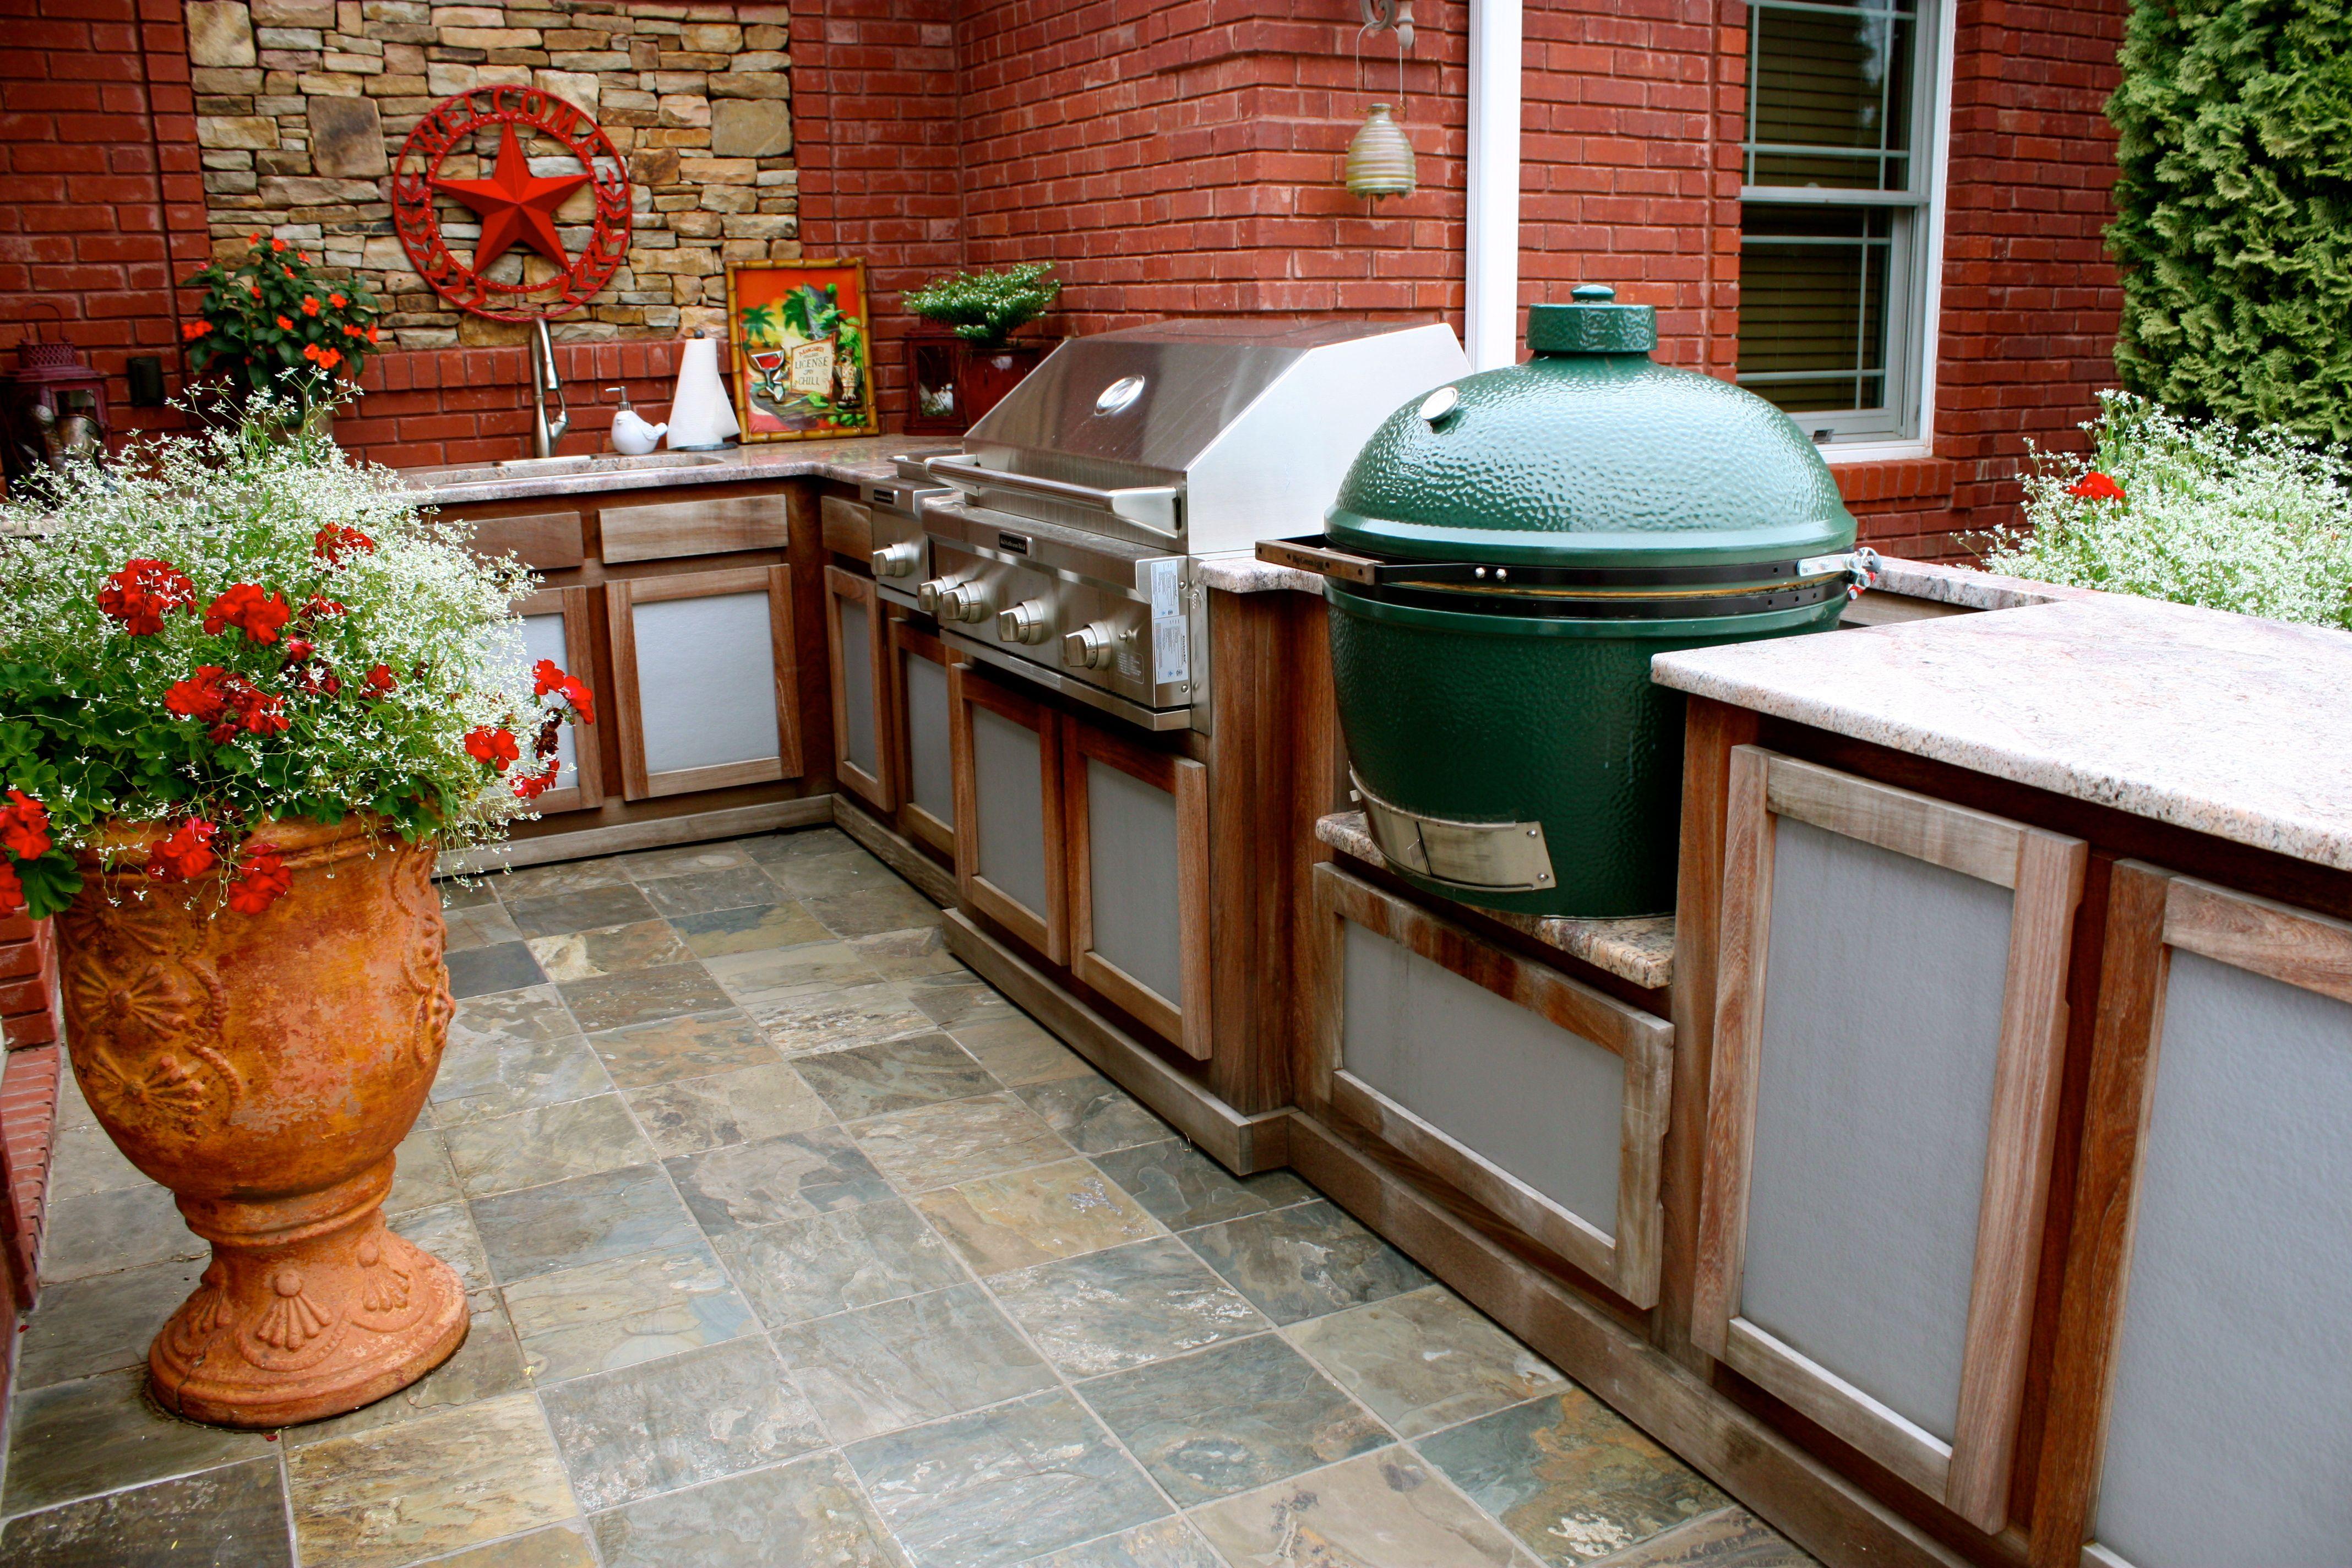 22 Outdoor Kitchen Design Ideas   Barro, Parrilla y Horno